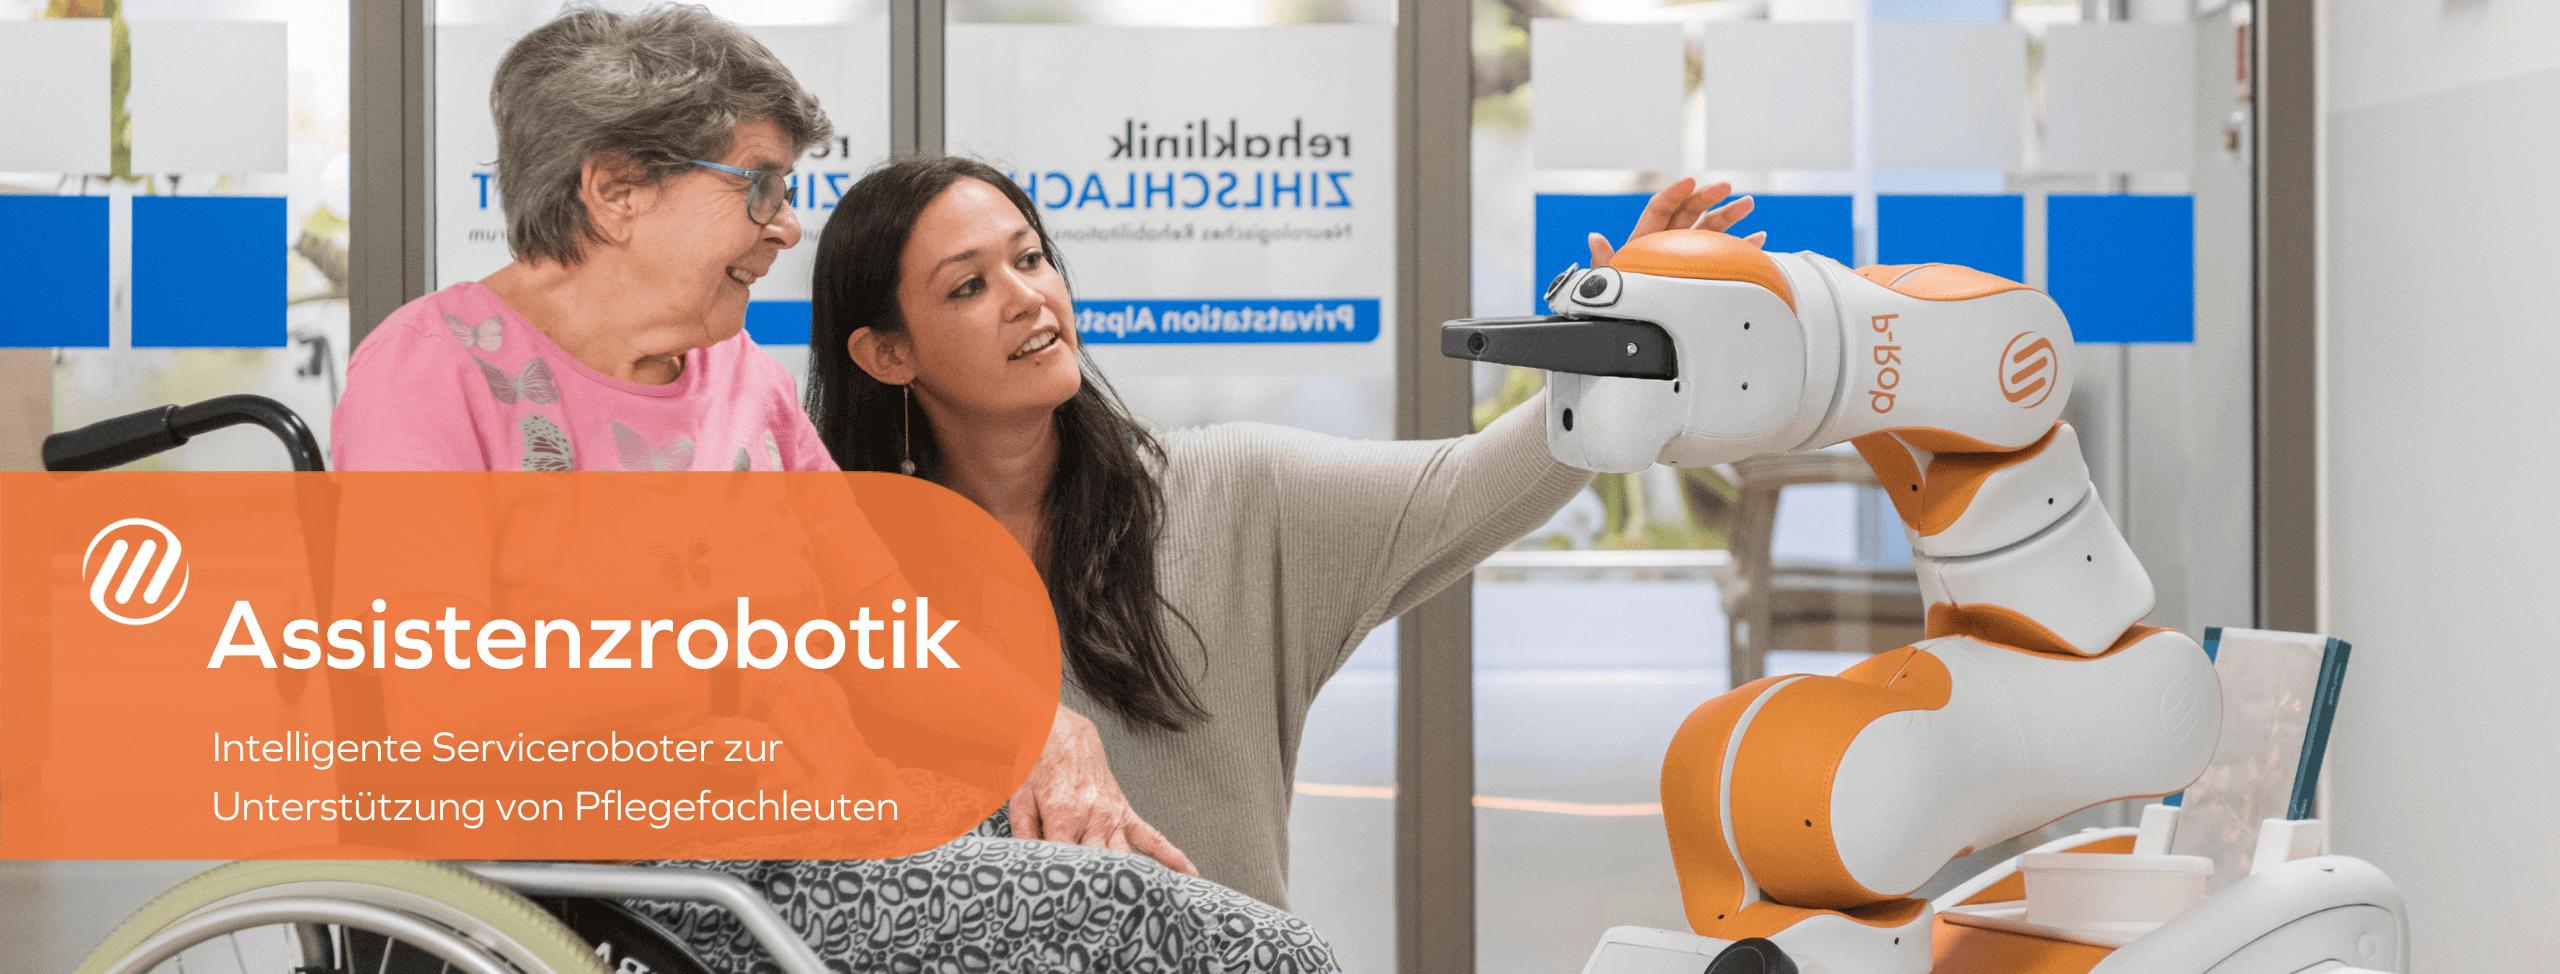 Assistenzrobotik - Intelligente Serviceroboter zur Unterstützung von Pflegefachleuten